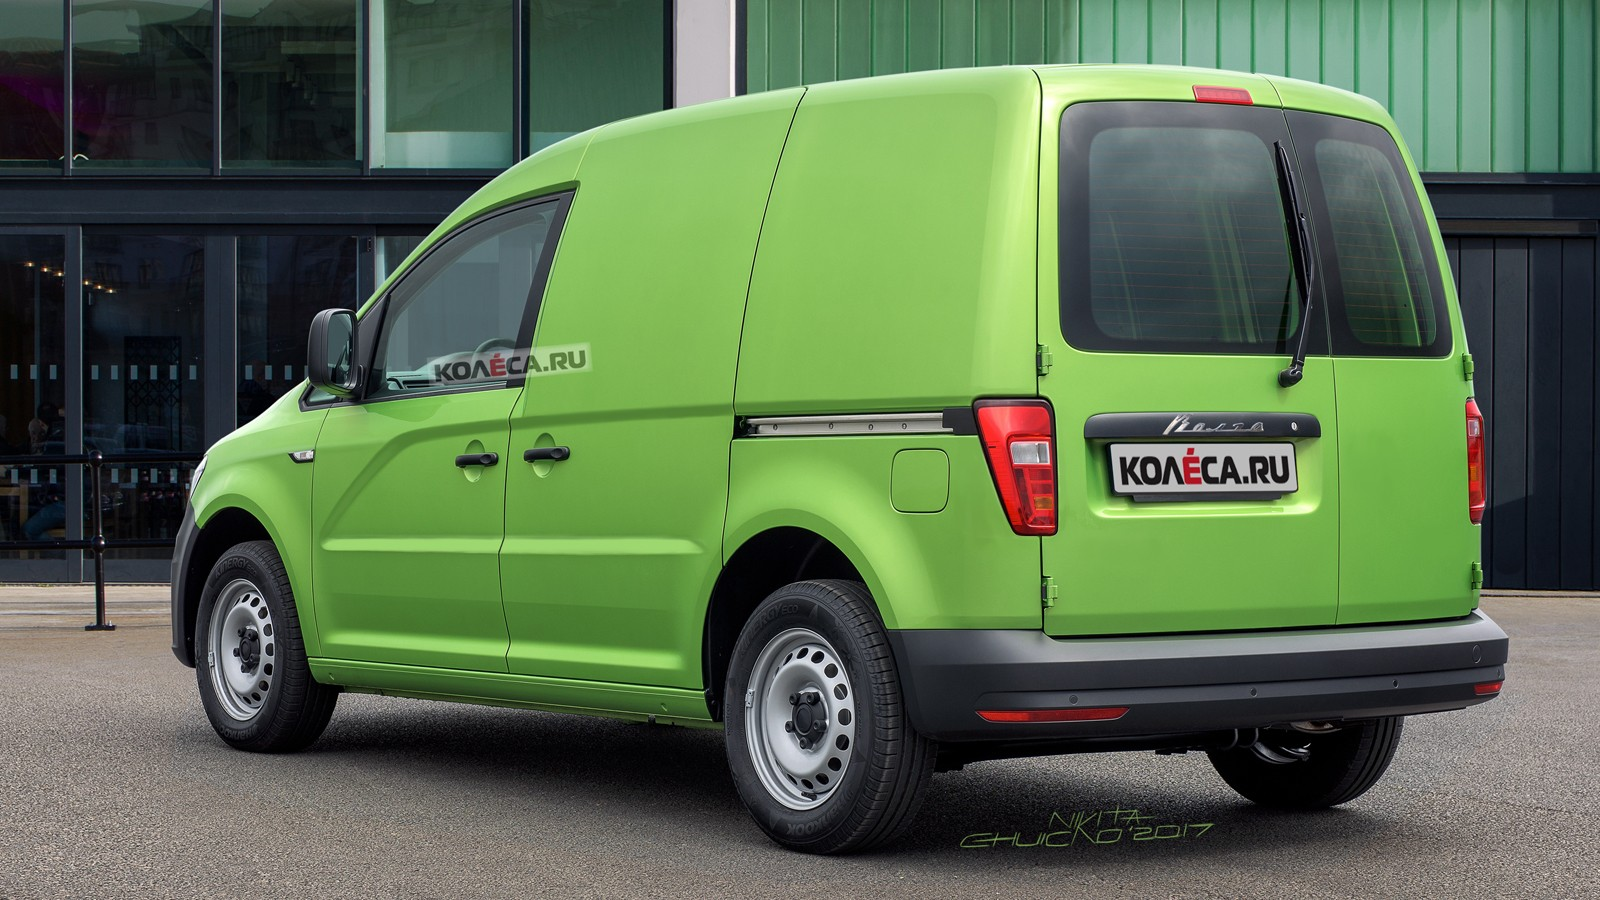 Volga rear